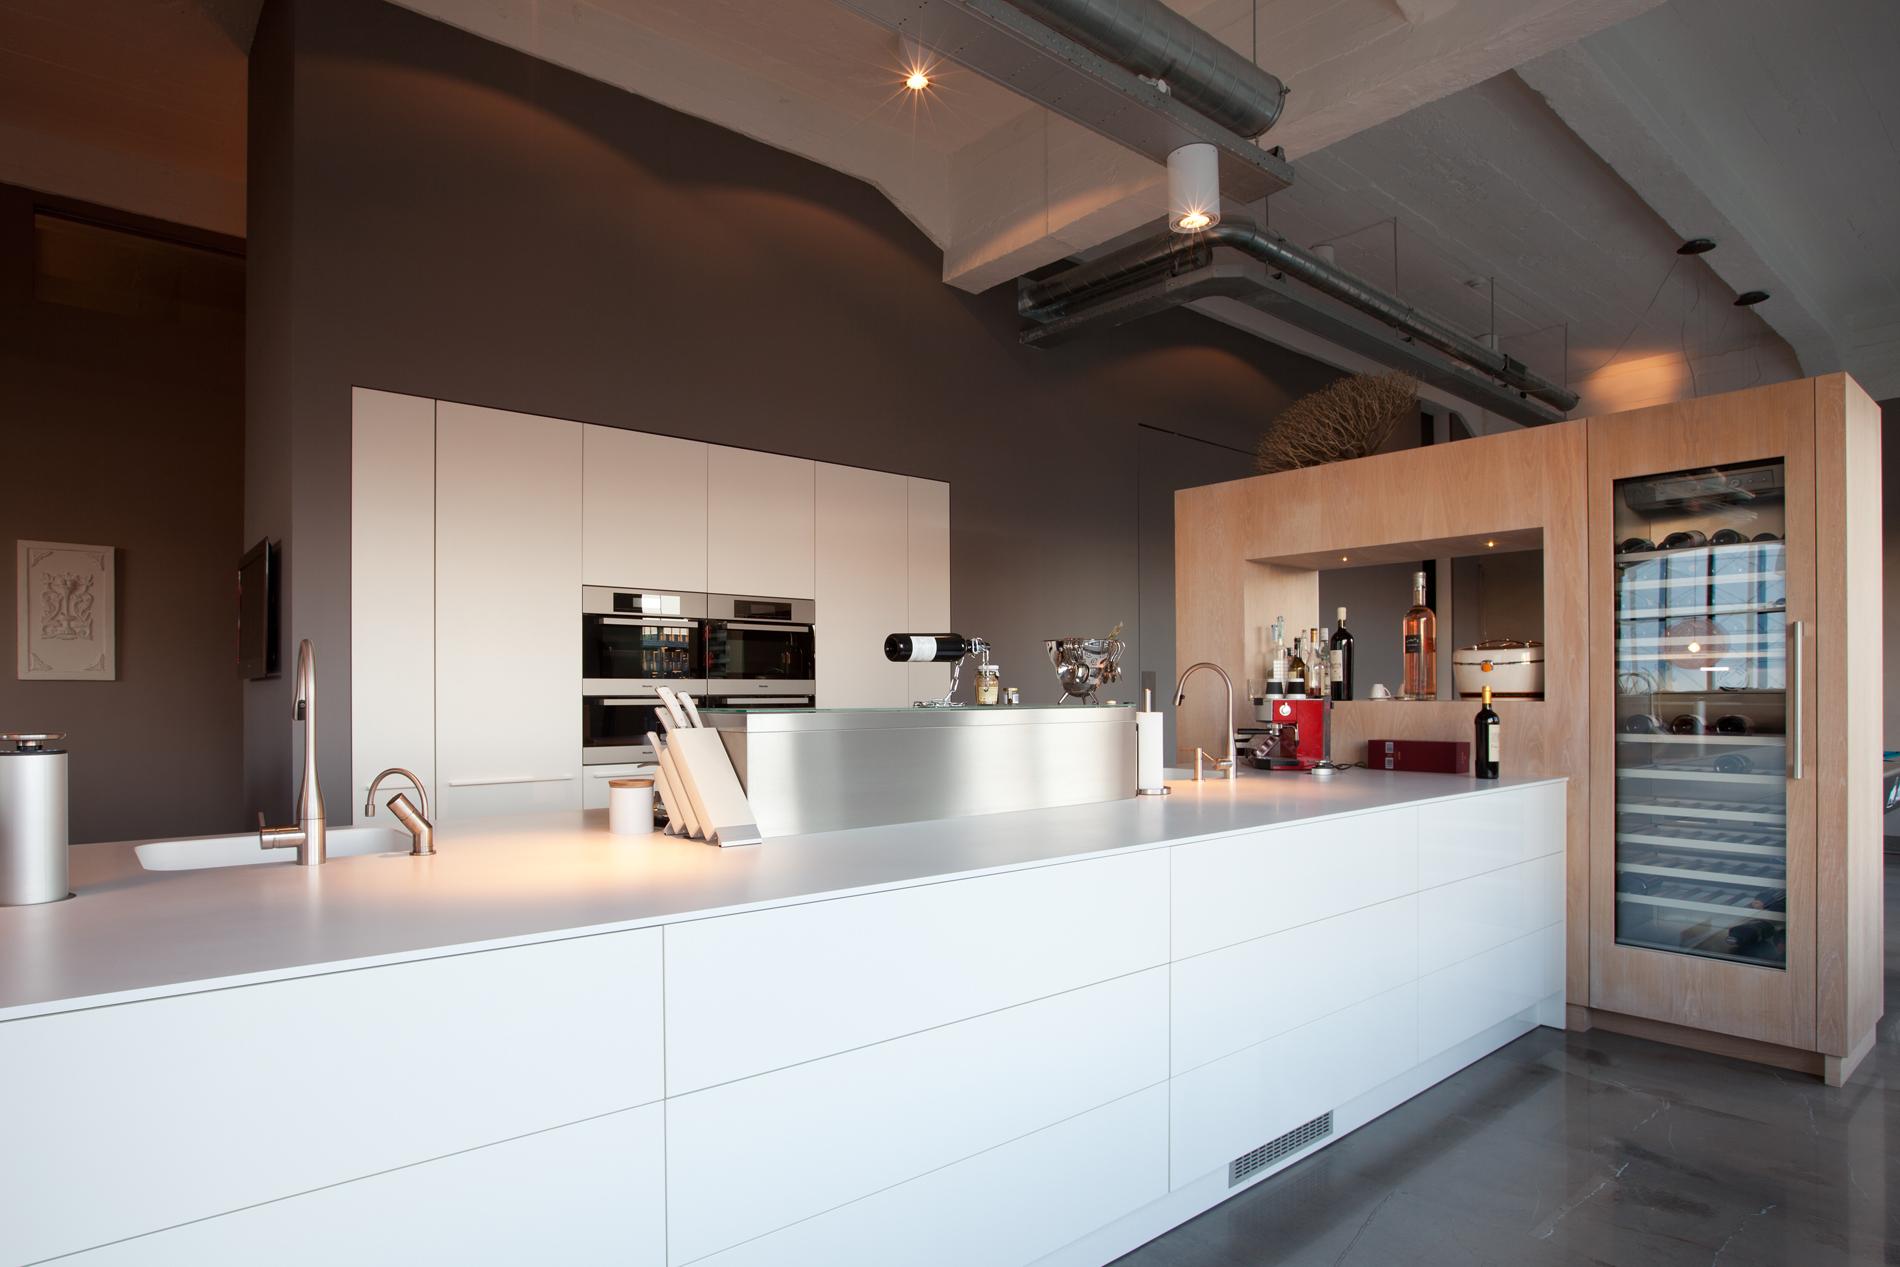 Porsche Design Keuken : Küche porsche design poggenpohl porsche design küche